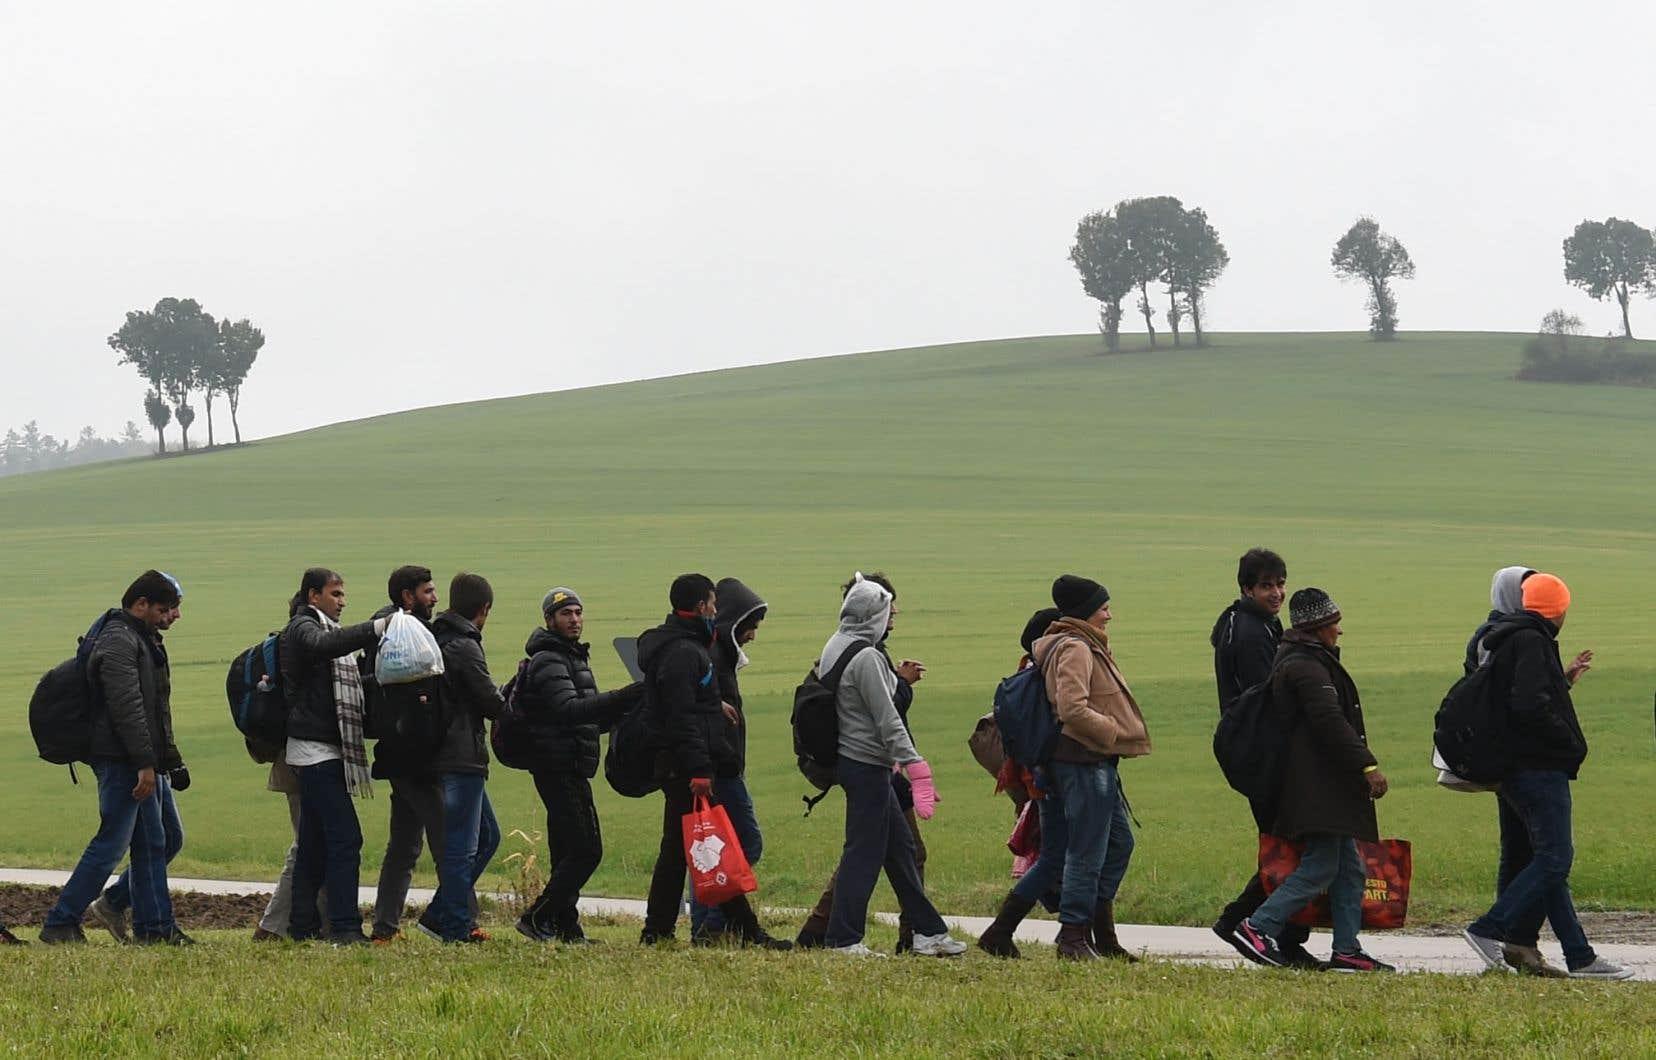 Une bonne partie des États membres de l'ONU n'acceptent déjà pas de migrants, ou n'en acceptent qu'un nombre symbolique, et ce n'est pas le pacte qui va les faire changer d'idée ou qui va y amener des migrants, selon l'auteur.